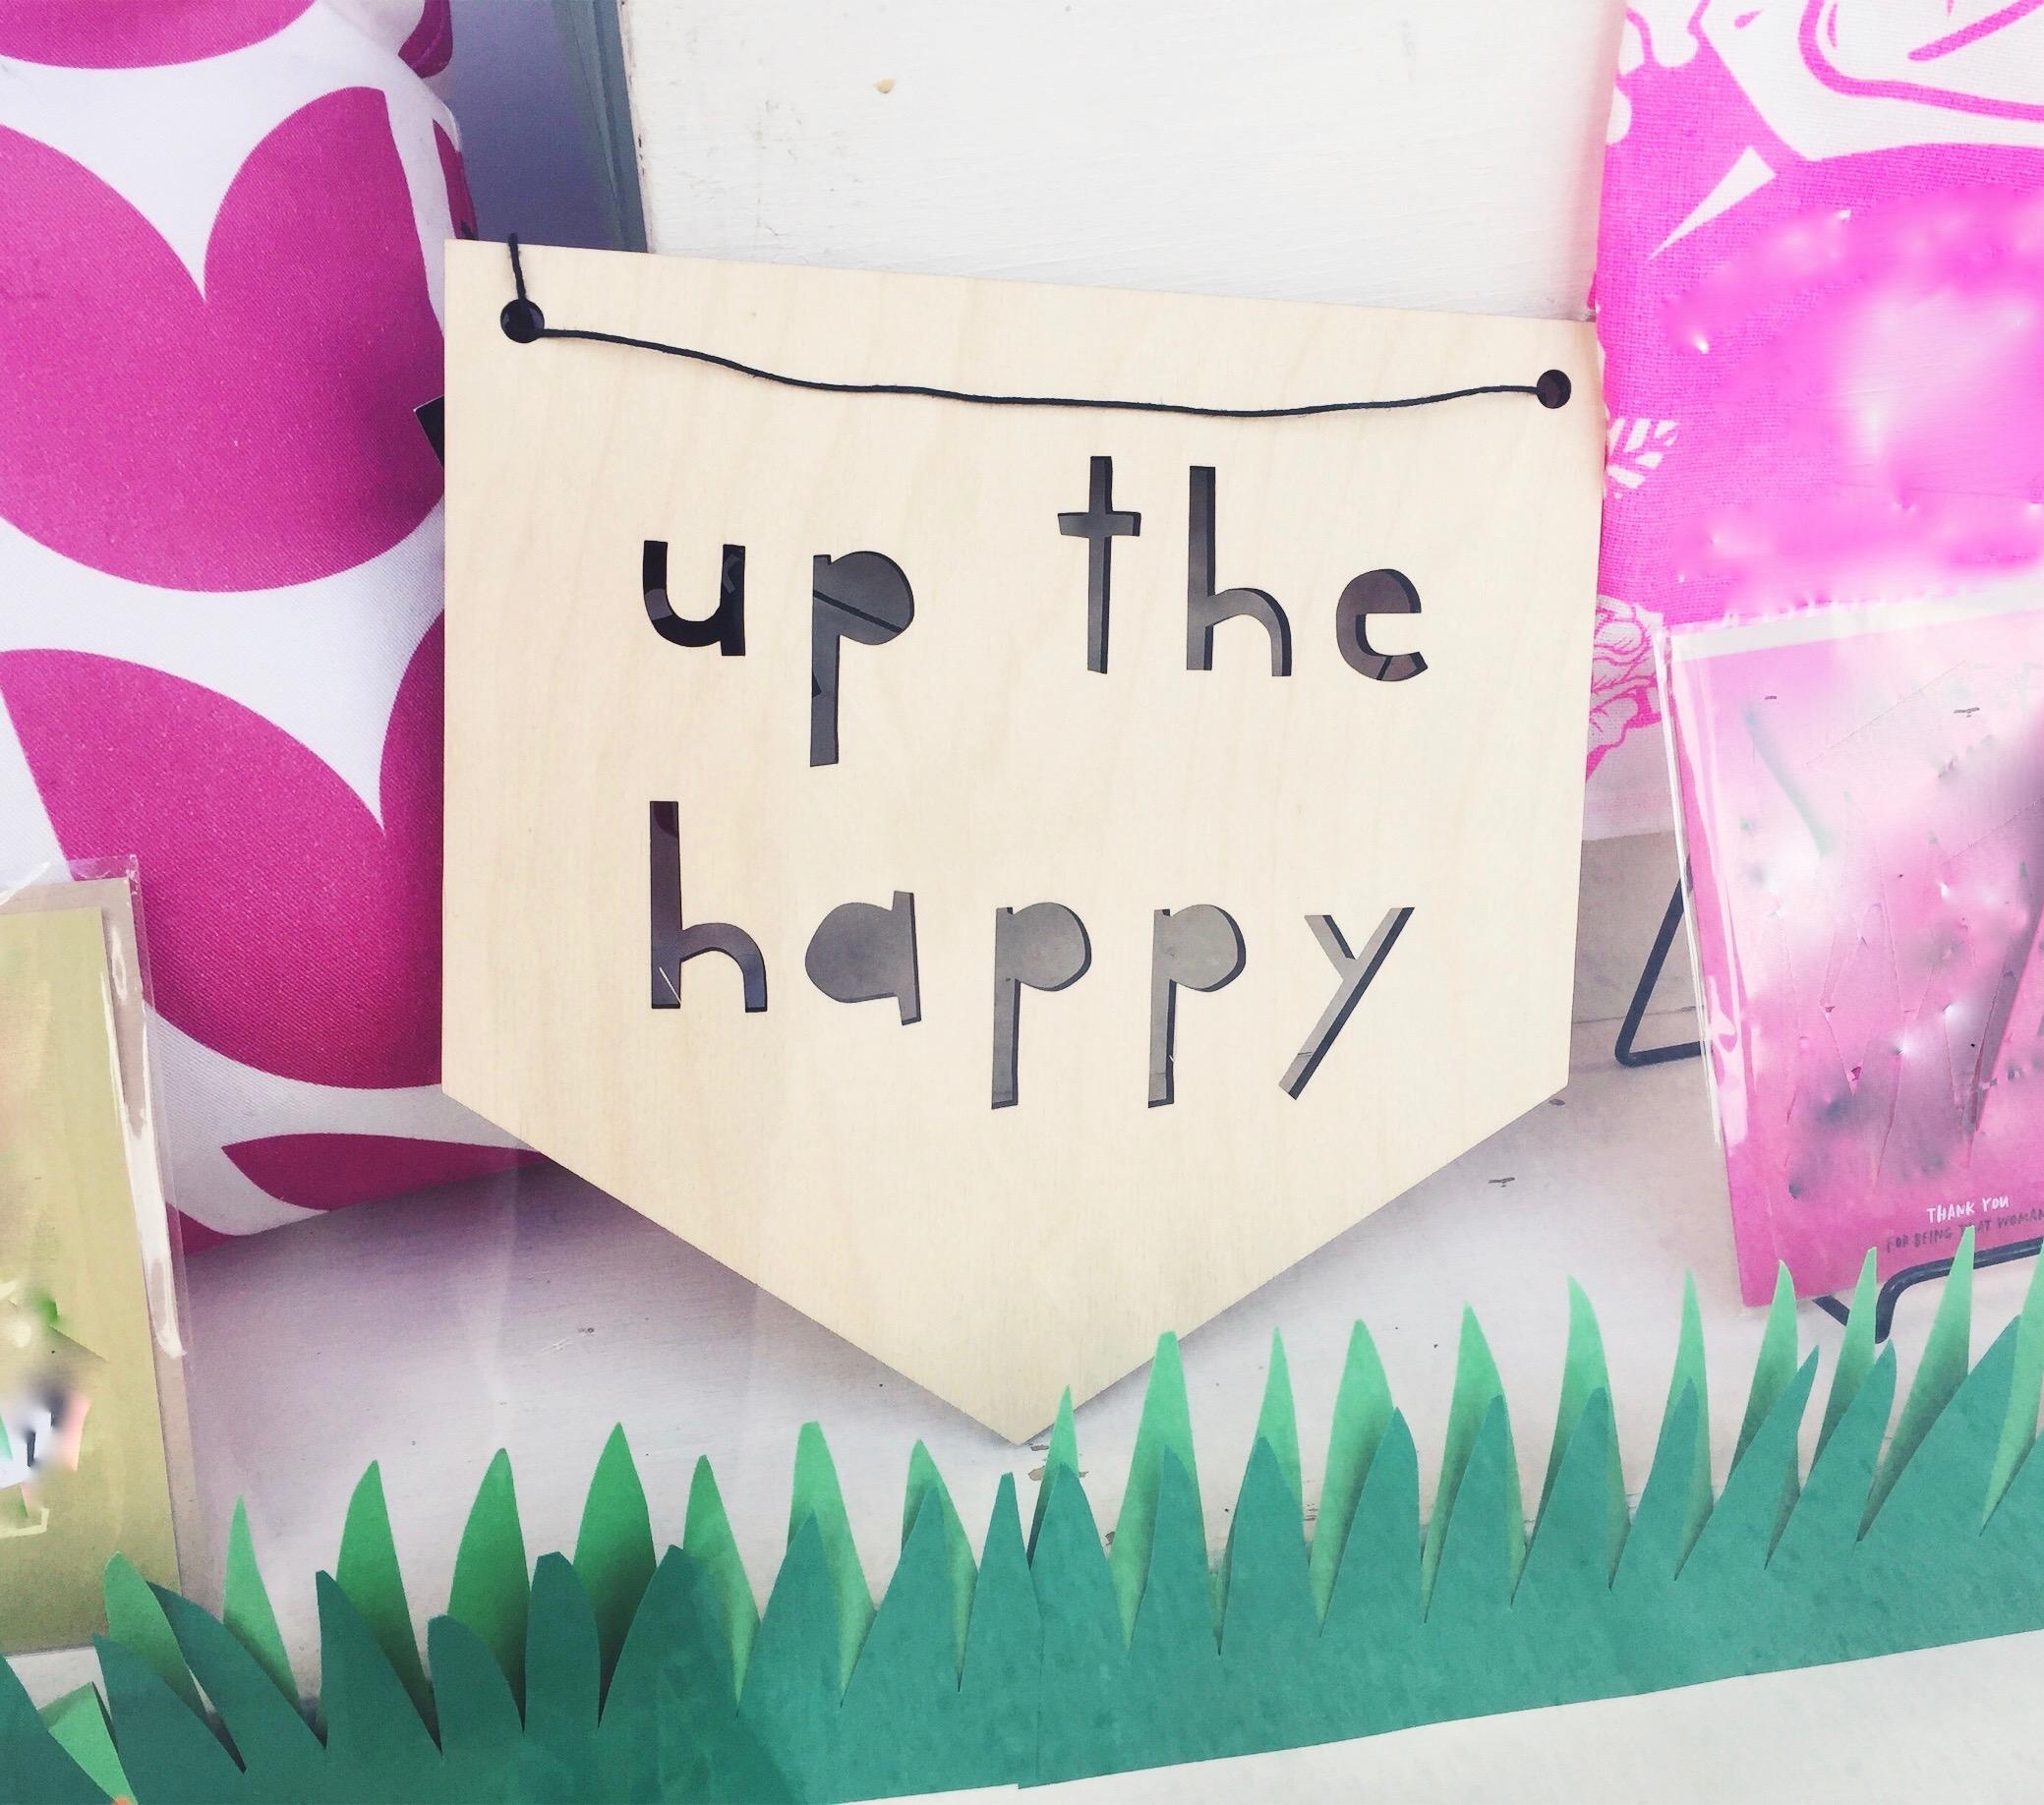 katyLeen_author_happy.jpg